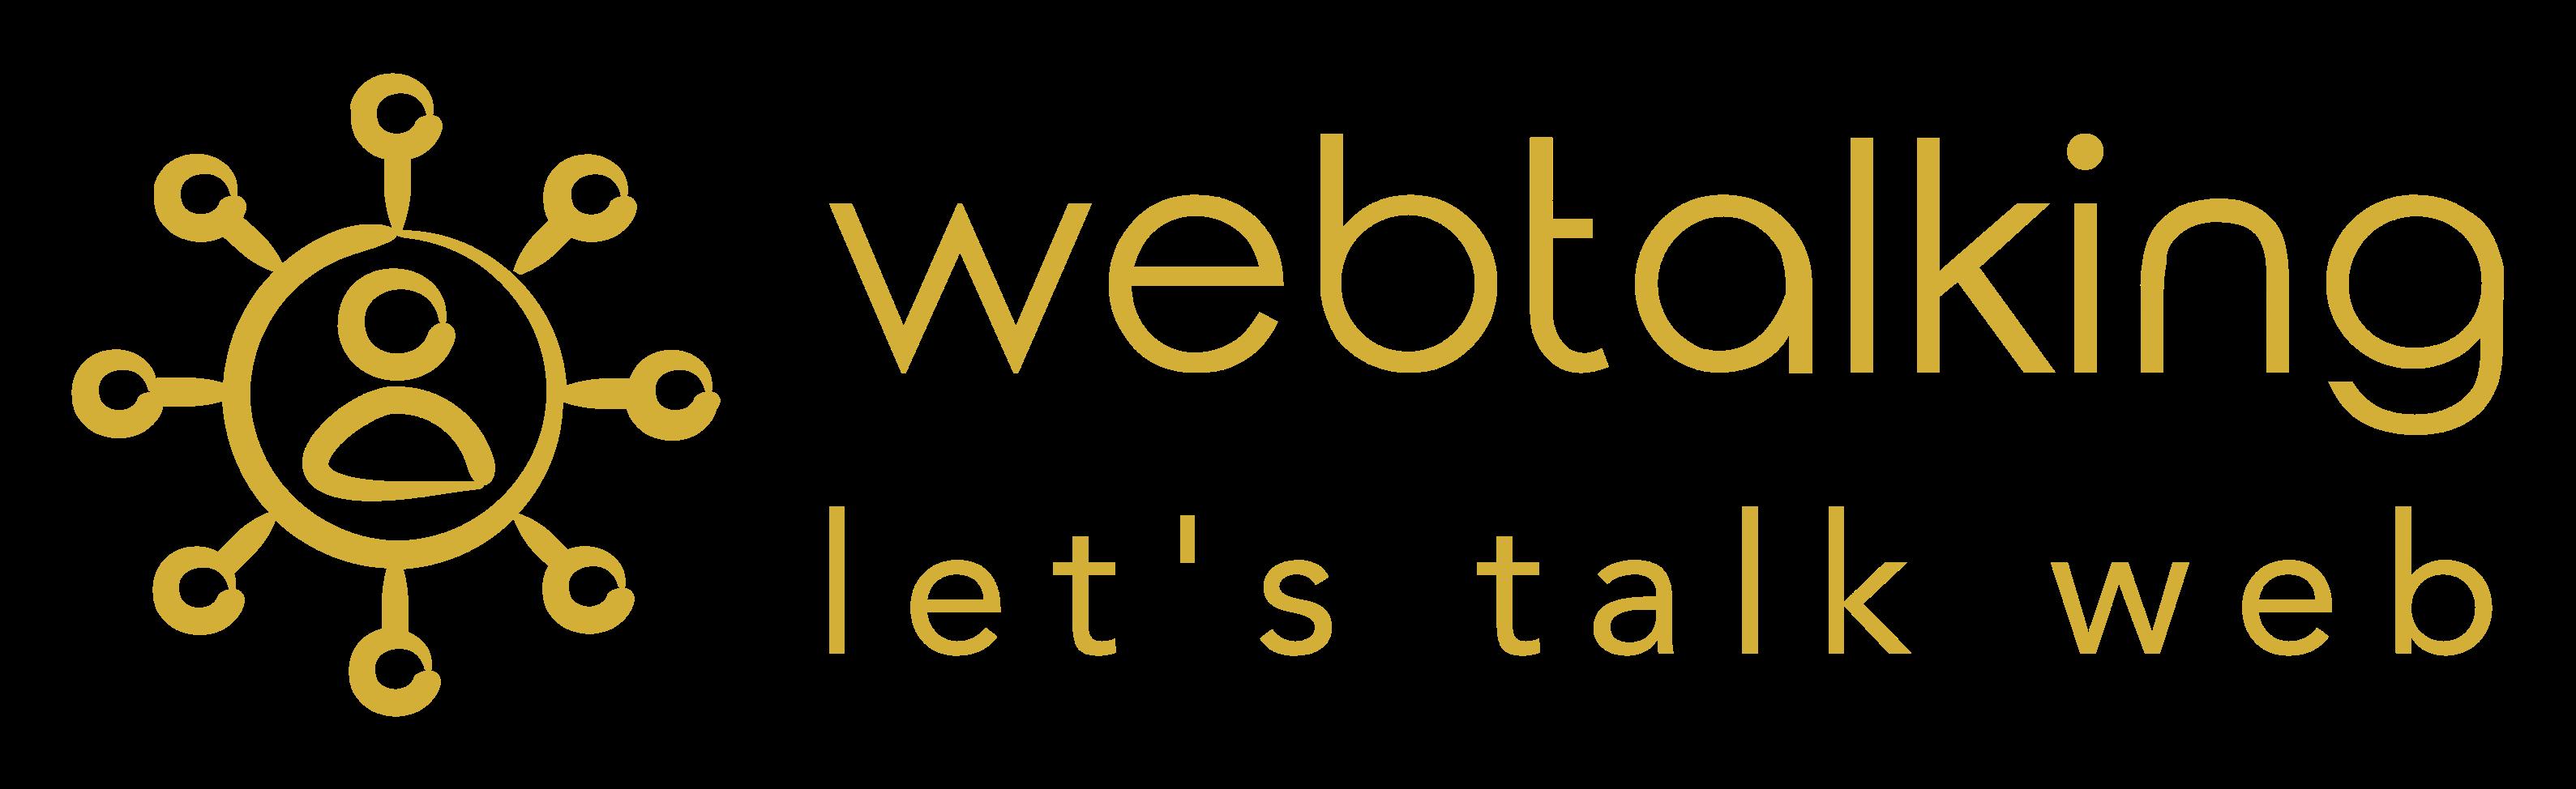 webtalking